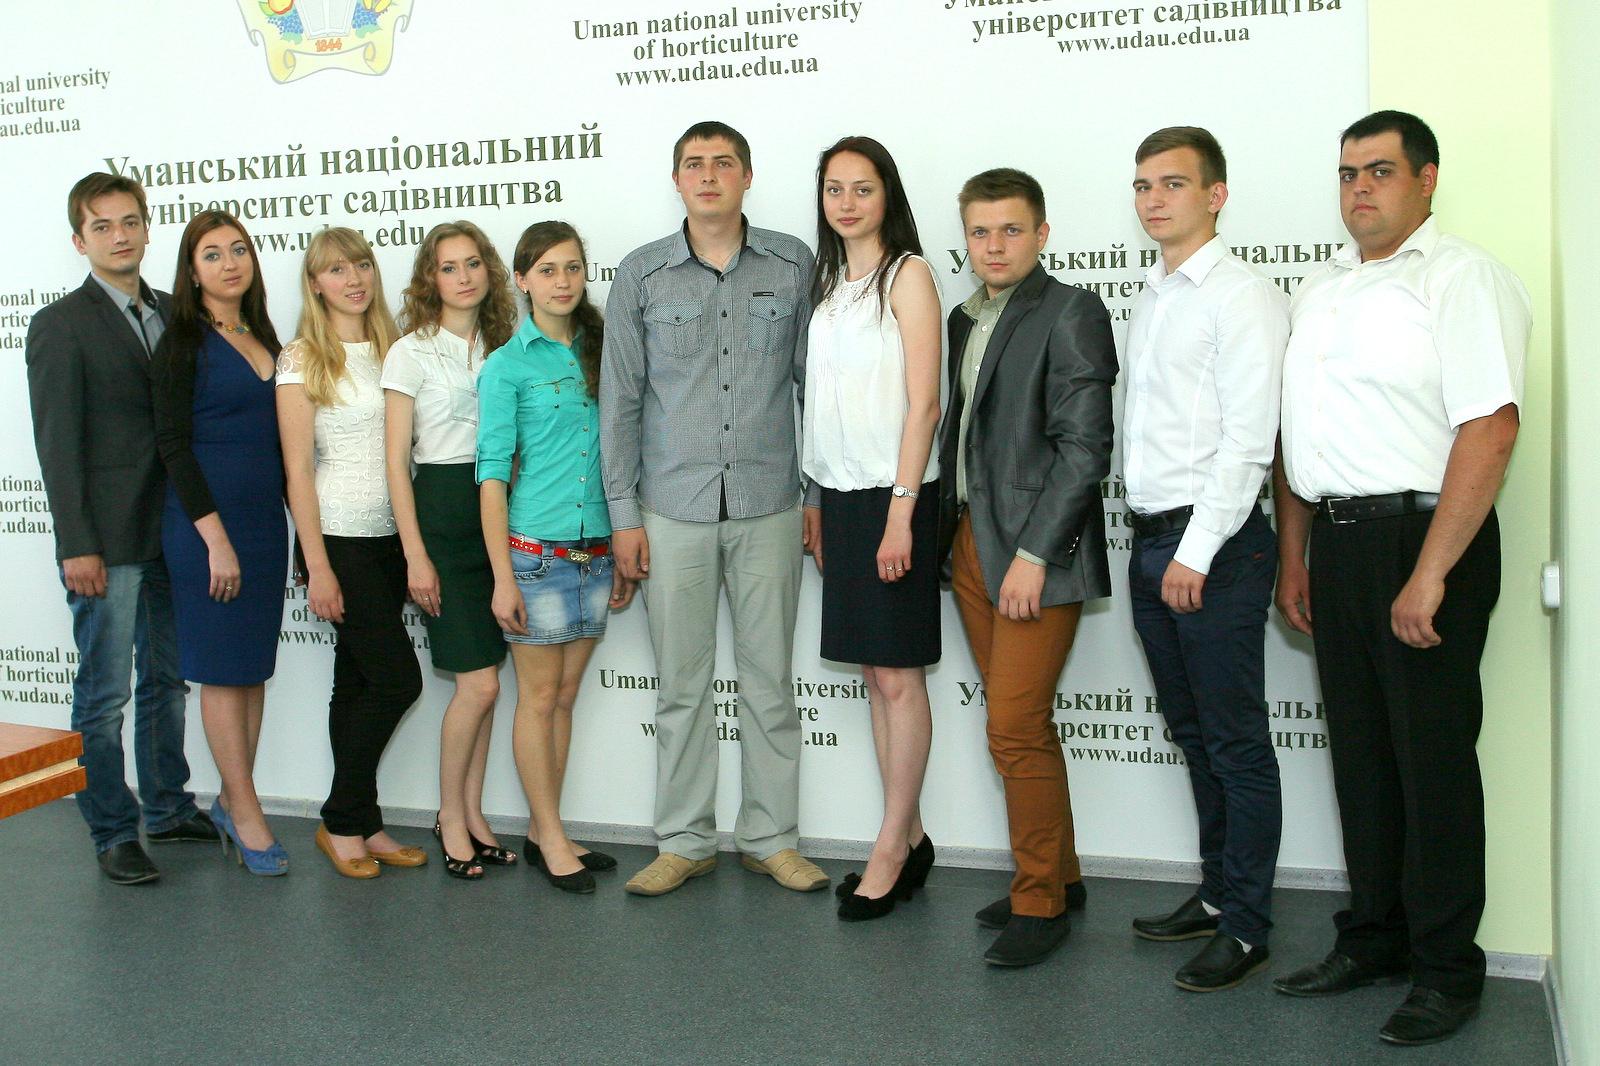 Молодые тела студенток фото 250-560